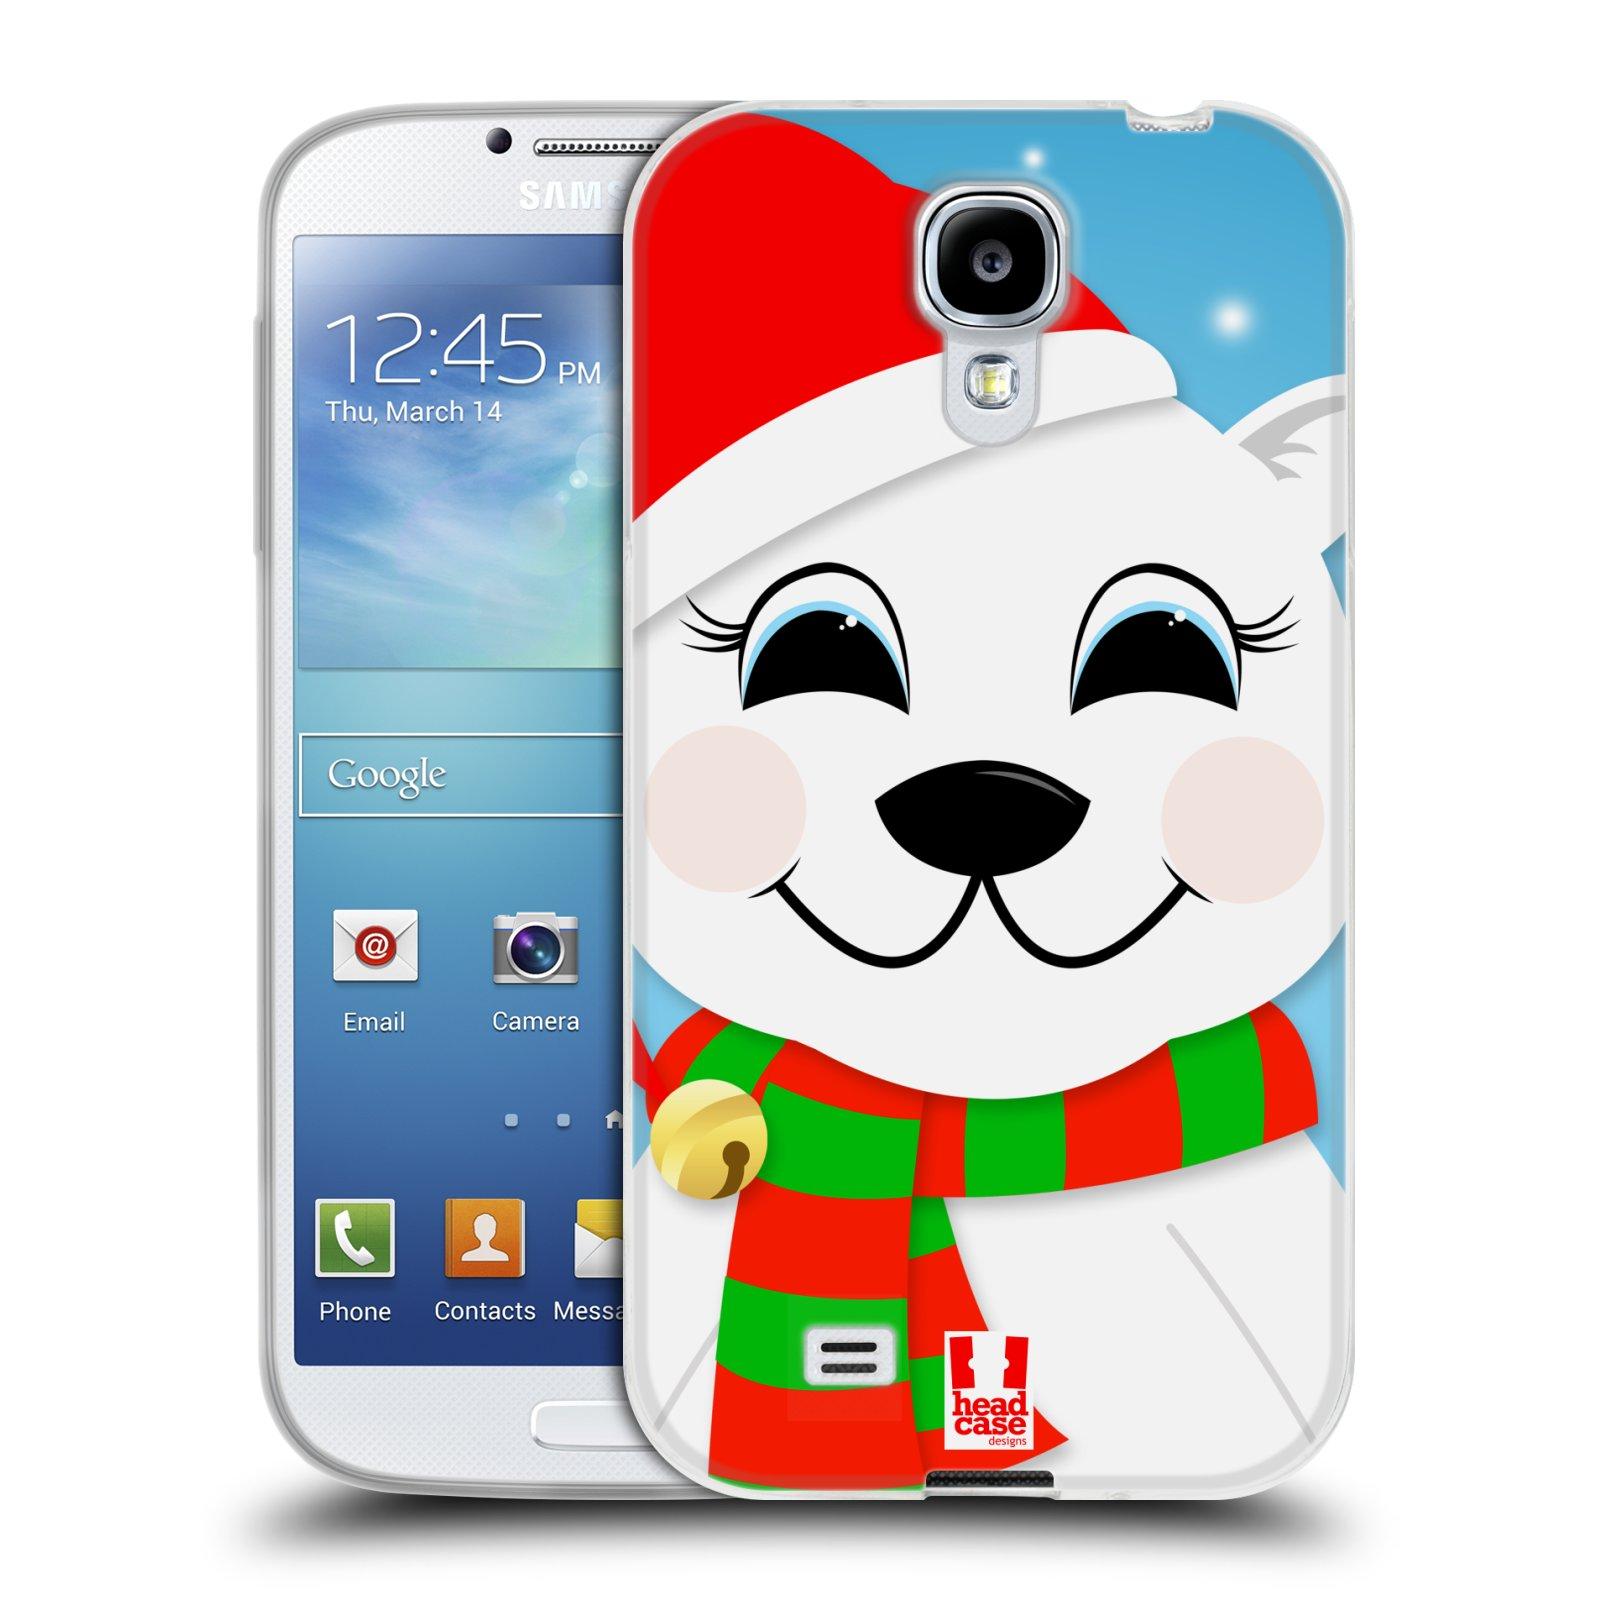 Silikonové pouzdro na mobil Samsung Galaxy S4 HEAD CASE VÁNOCE POLÁRNÍ MÉĎA (Silikonový kryt či obal na mobilní telefon Samsung Galaxy S4 GT-i9505 / i9500)